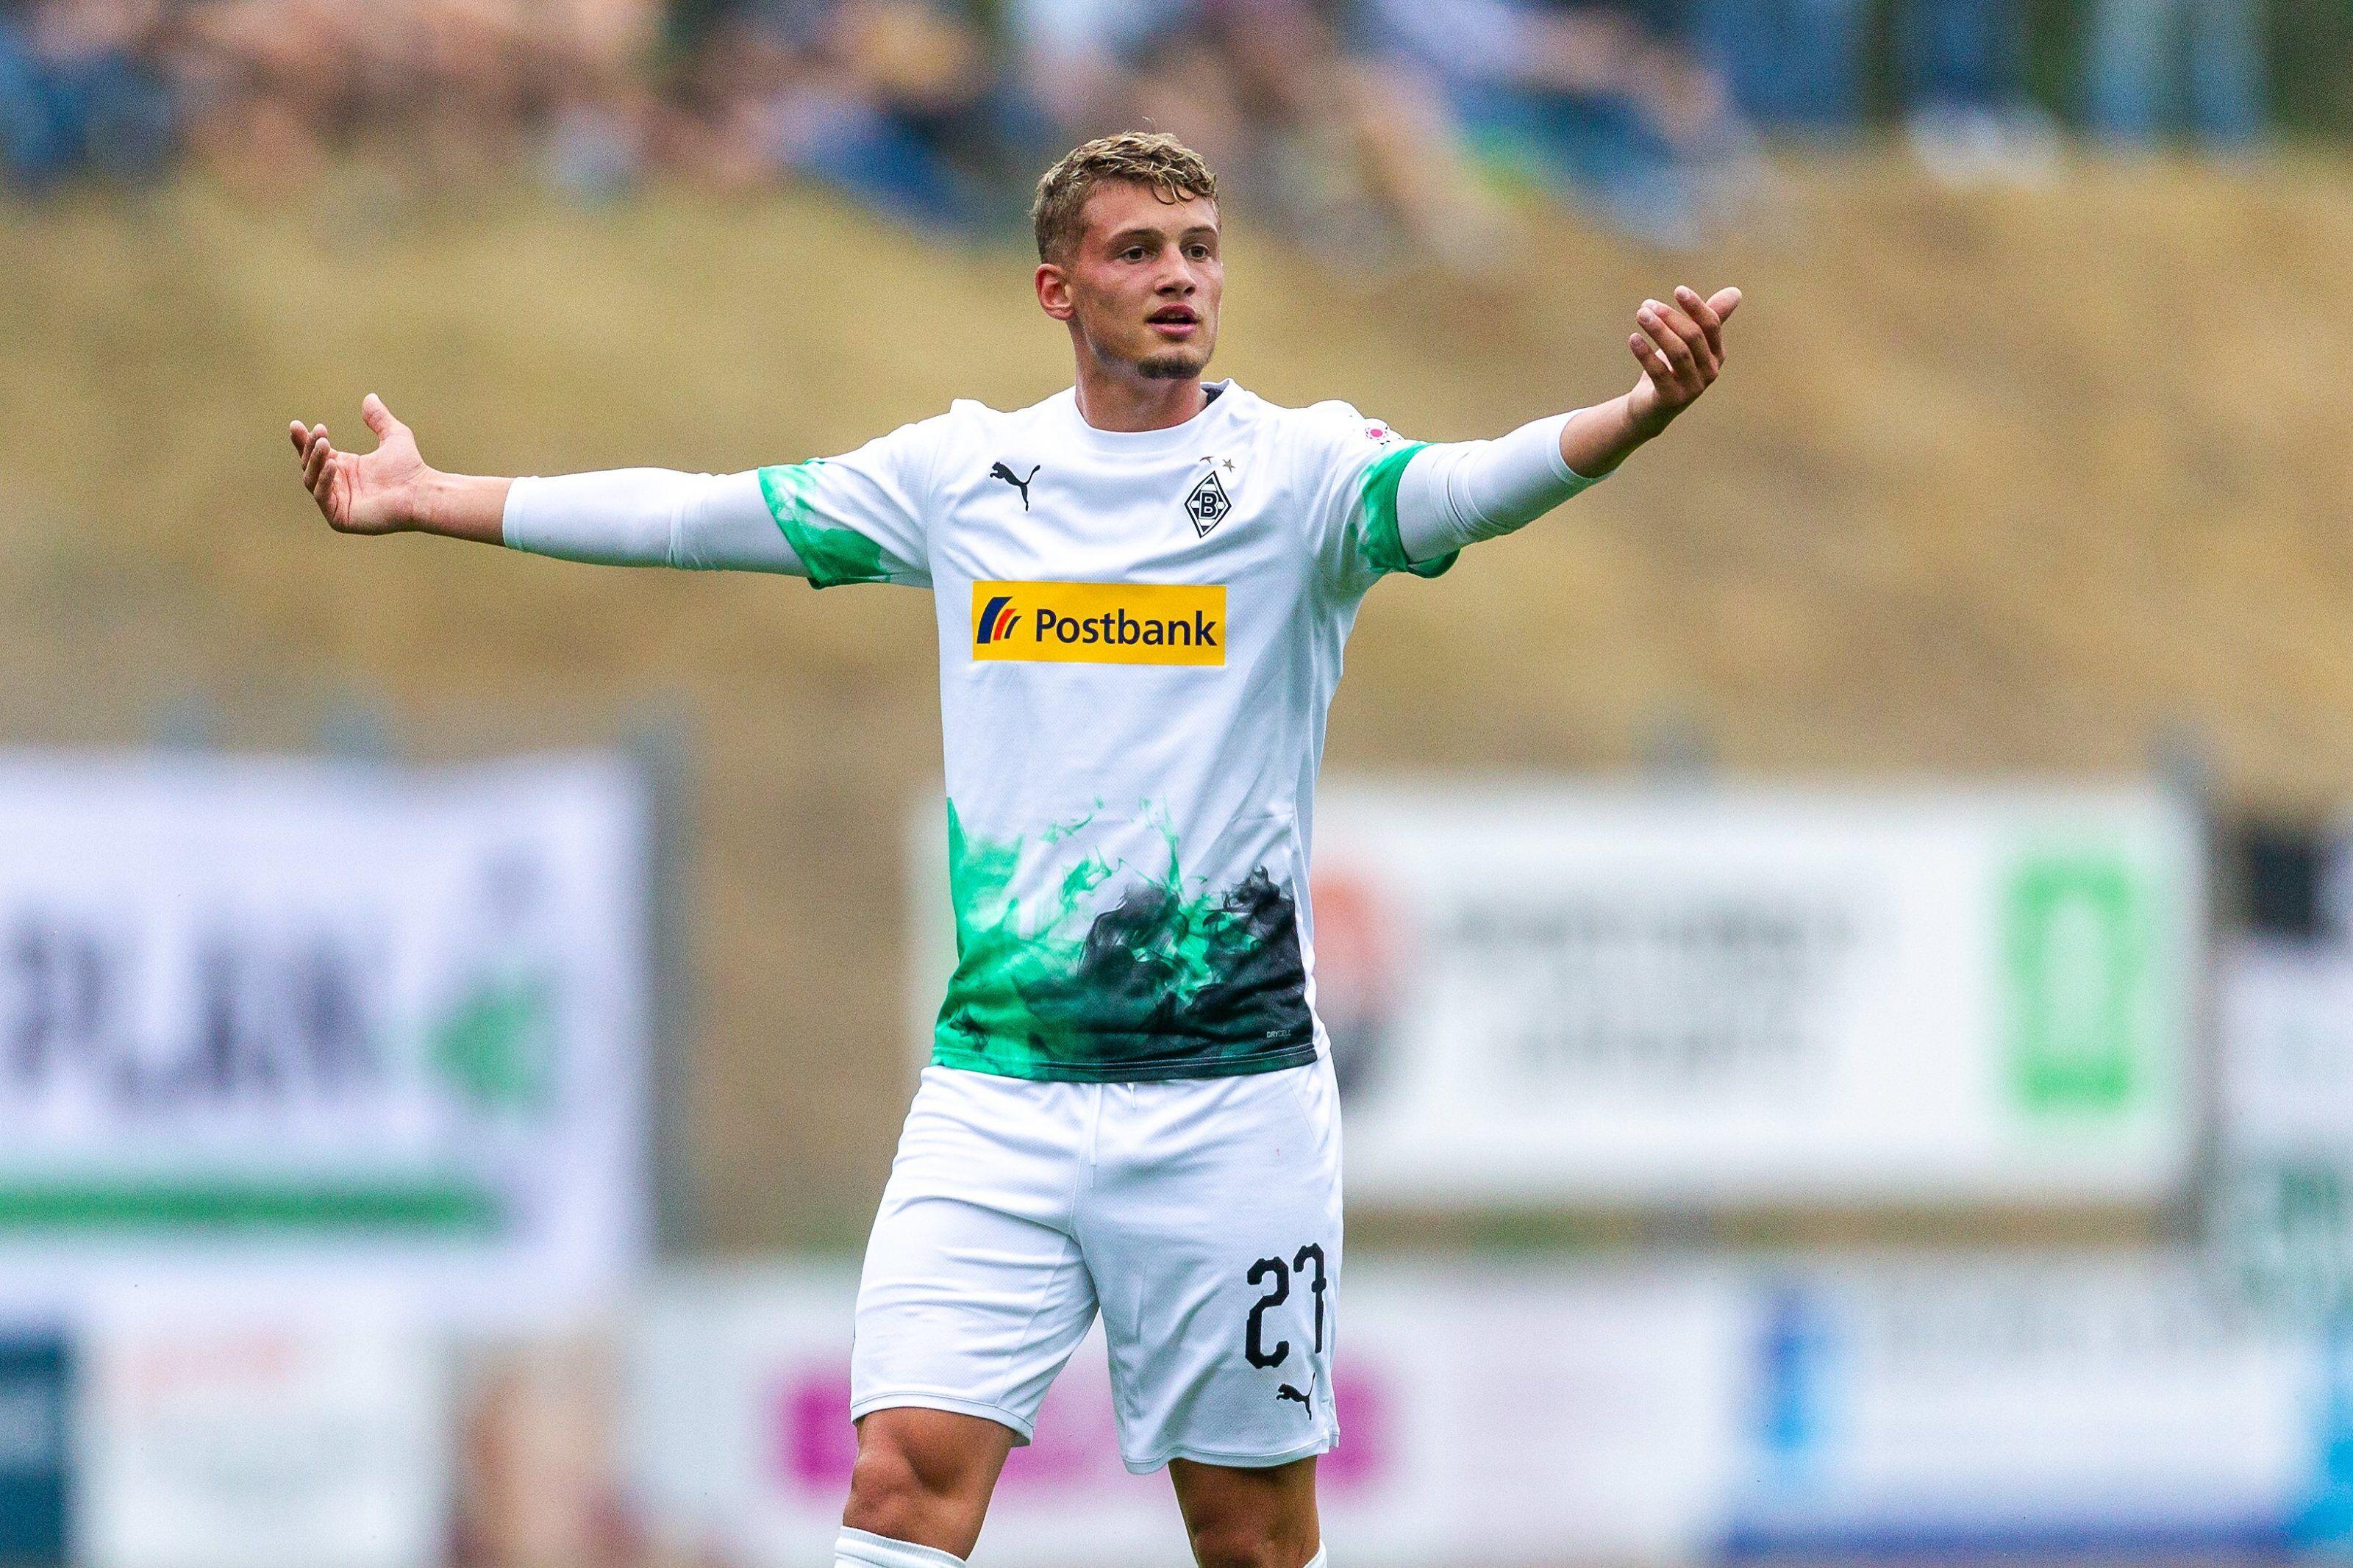 Bayern Munich set to sign Borussia Monchengladbach's Michael Cuisance